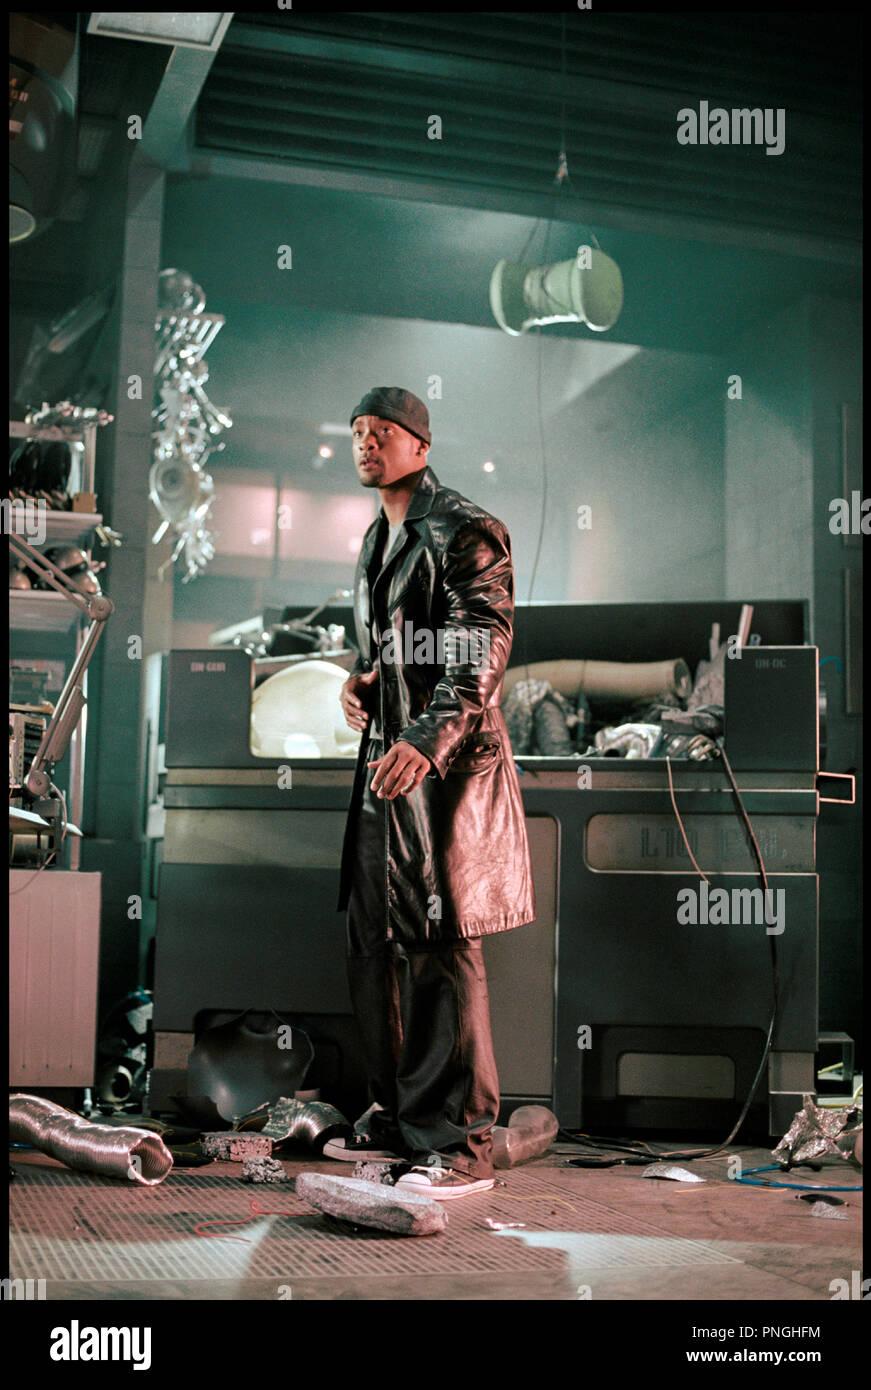 Prod DB © 20th Century Fox - Overbrook Entertainment / DR I, ROBOT (I ROBOT) de Alex Proyas 2004 USA avec Will Smith  inspire du livre de Isaac Asimov  veste en cuir, bonnet, laboratoire en desordre, futuriste, science fiction - Stock Image